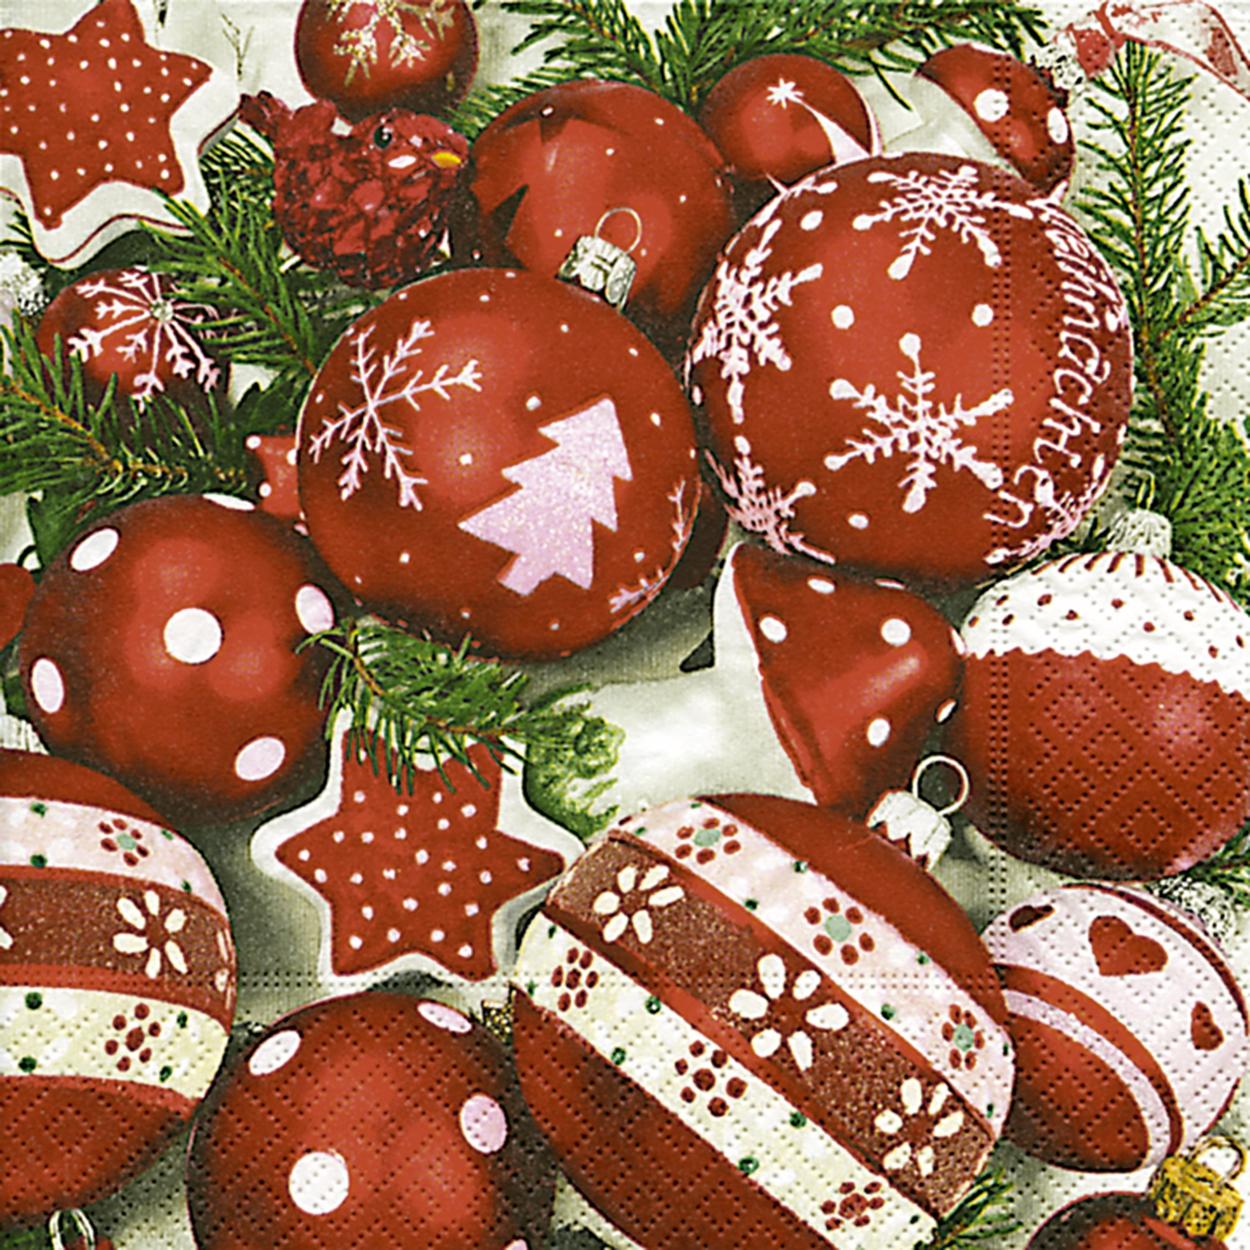 Lunch Servietten Snow white in red,  Weihnachten - Baumschmuck,  Weihnachten,  lunchservietten,  Baumkugeln